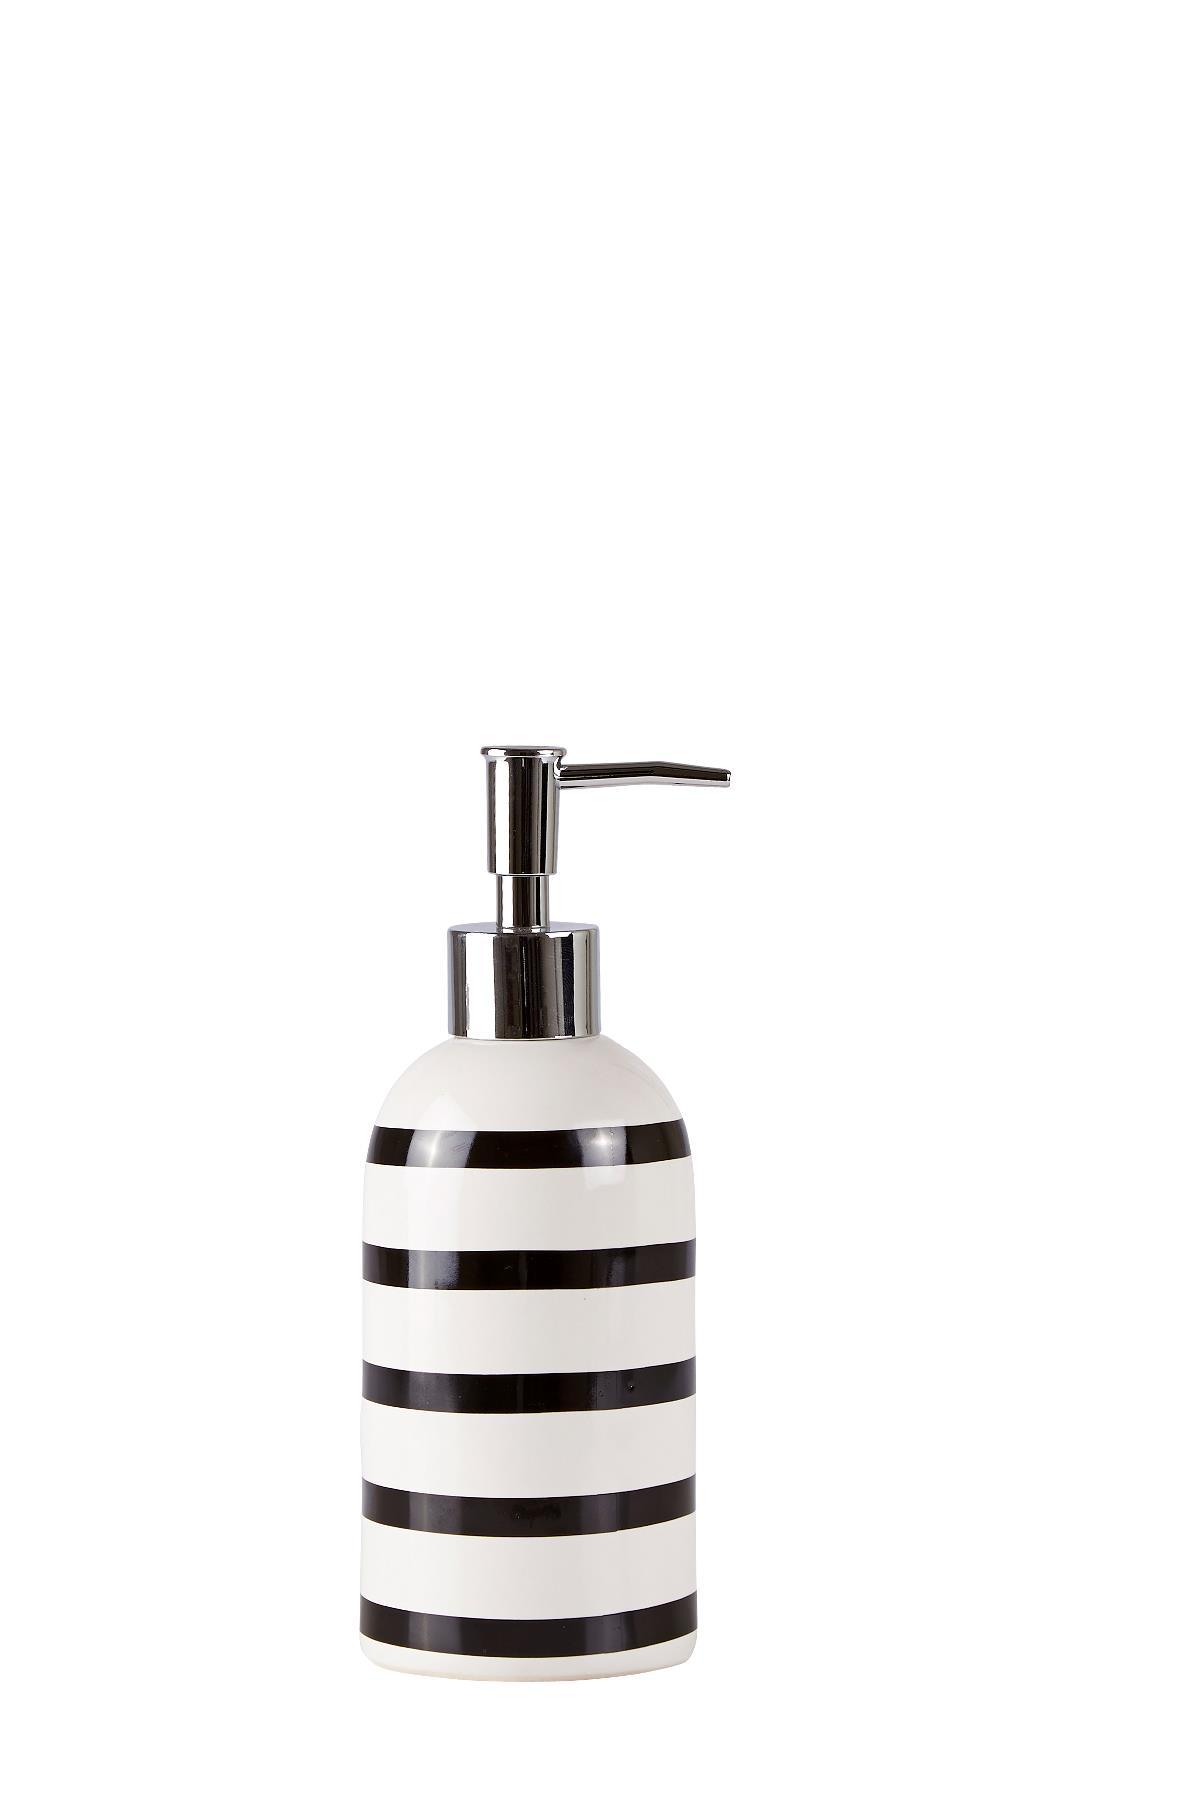 Dozator pentru sapun din ceramica Black / White, Kj